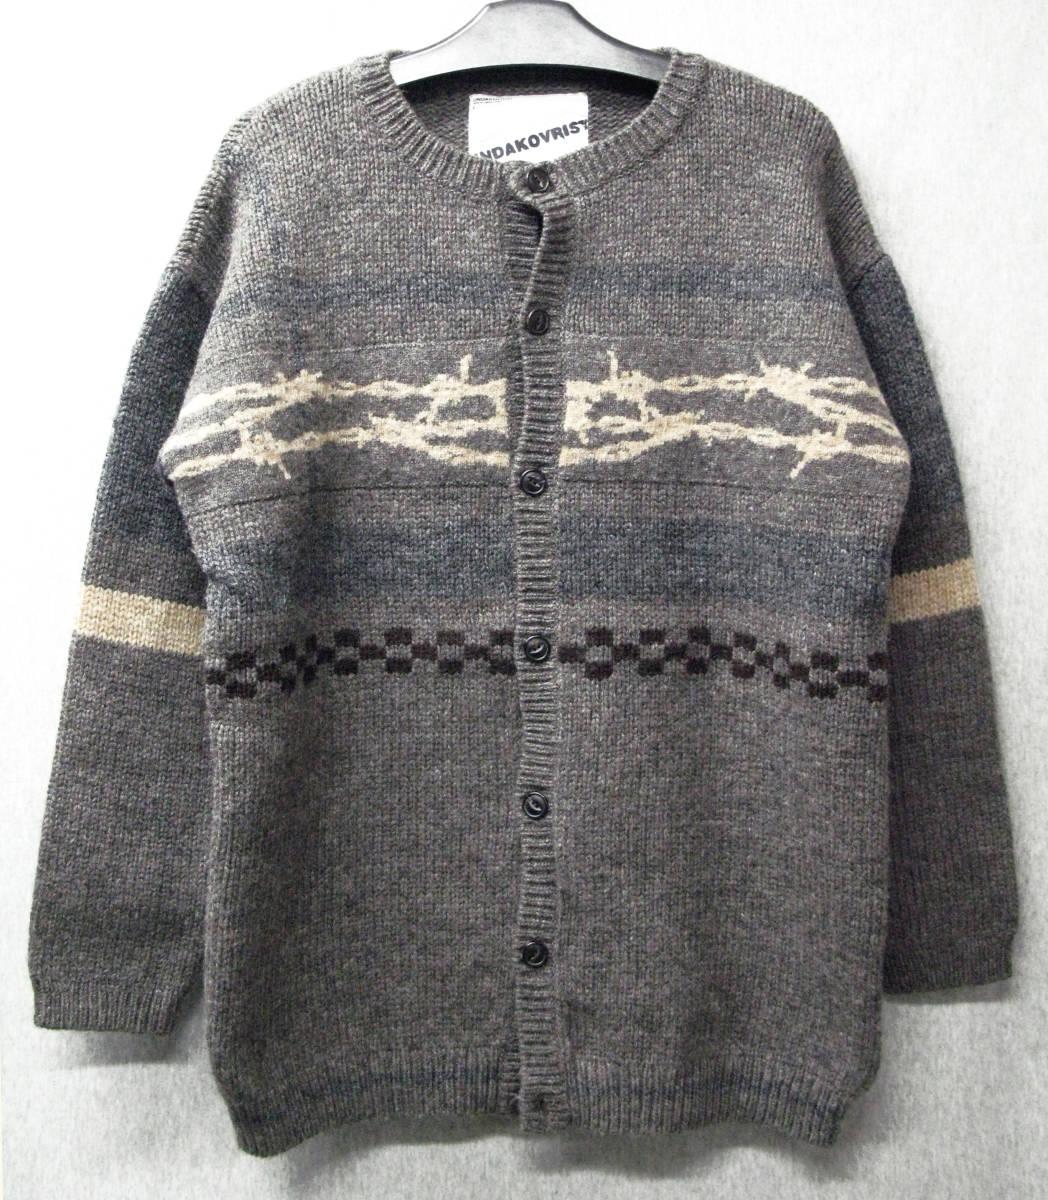 アンダーカバー UNDER COVER:ウール ニット ワイヤー カーディガン ( セーター UNDAKOVRIST UNDER COVER Vintage Wool Knit Cardigan_画像1